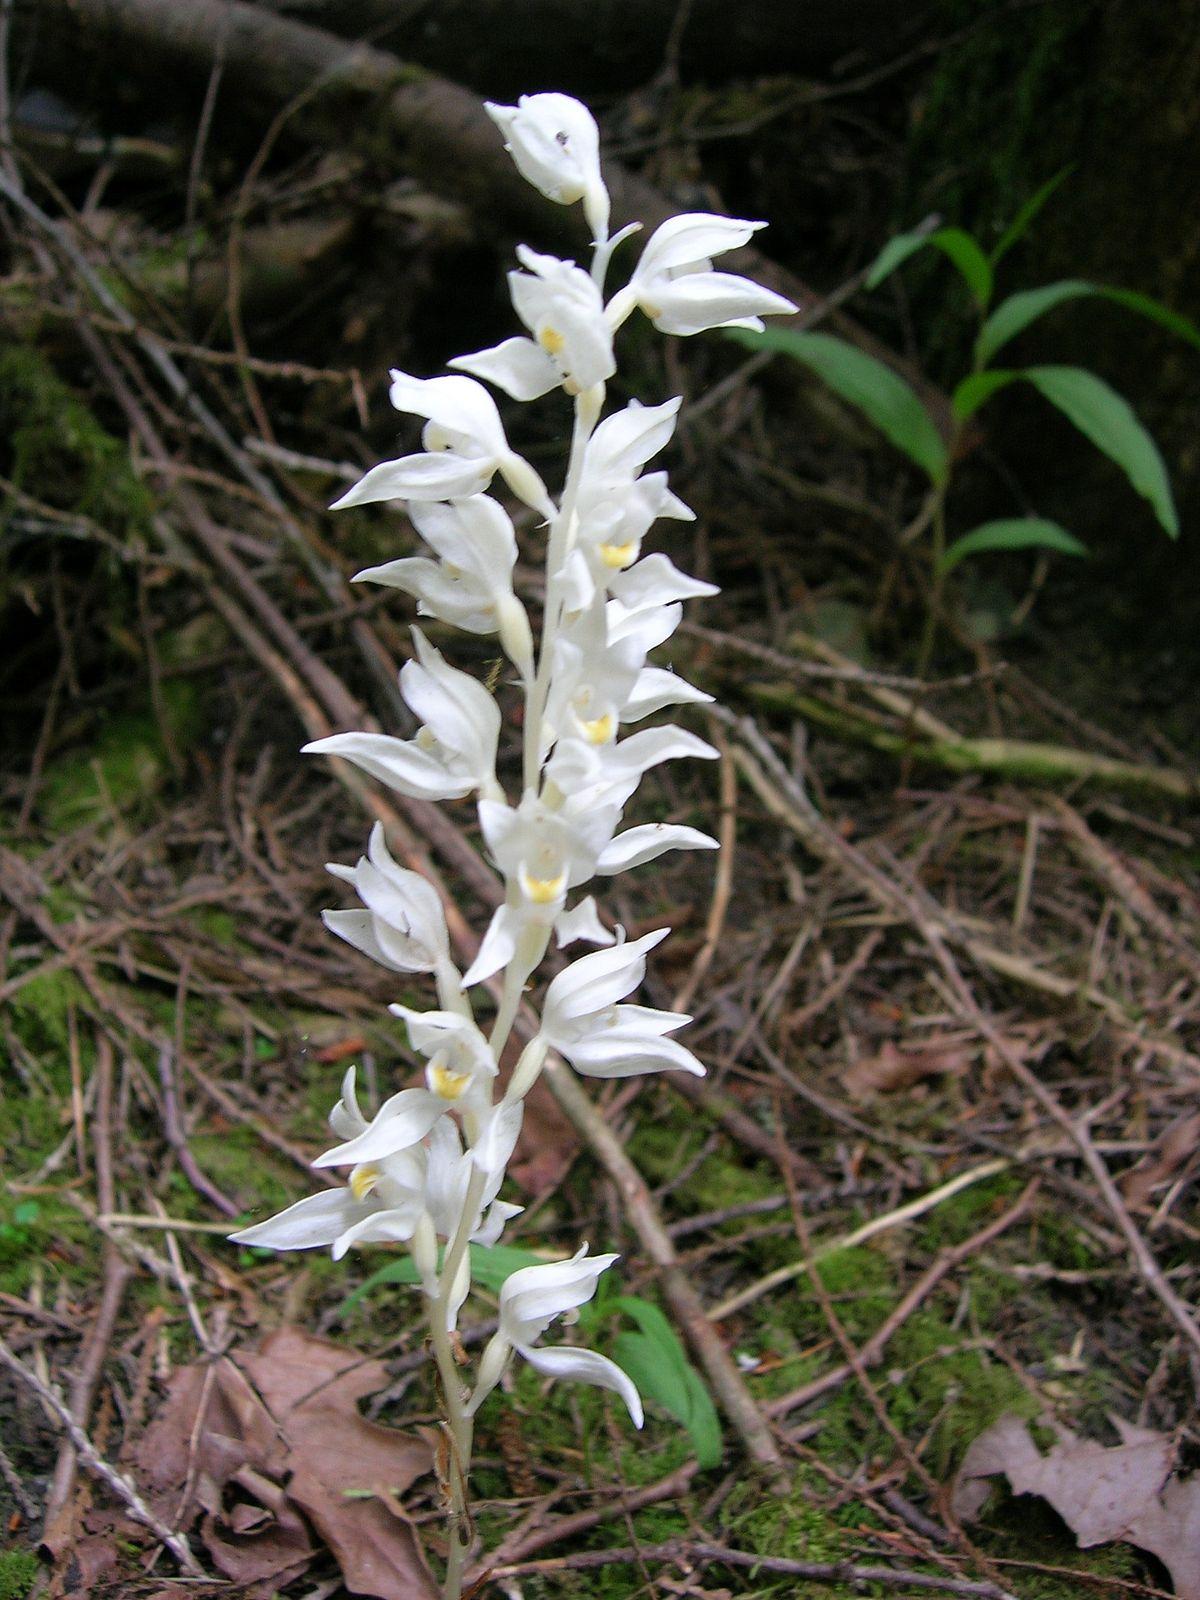 Cephalanthera austiniae - Wikipedia